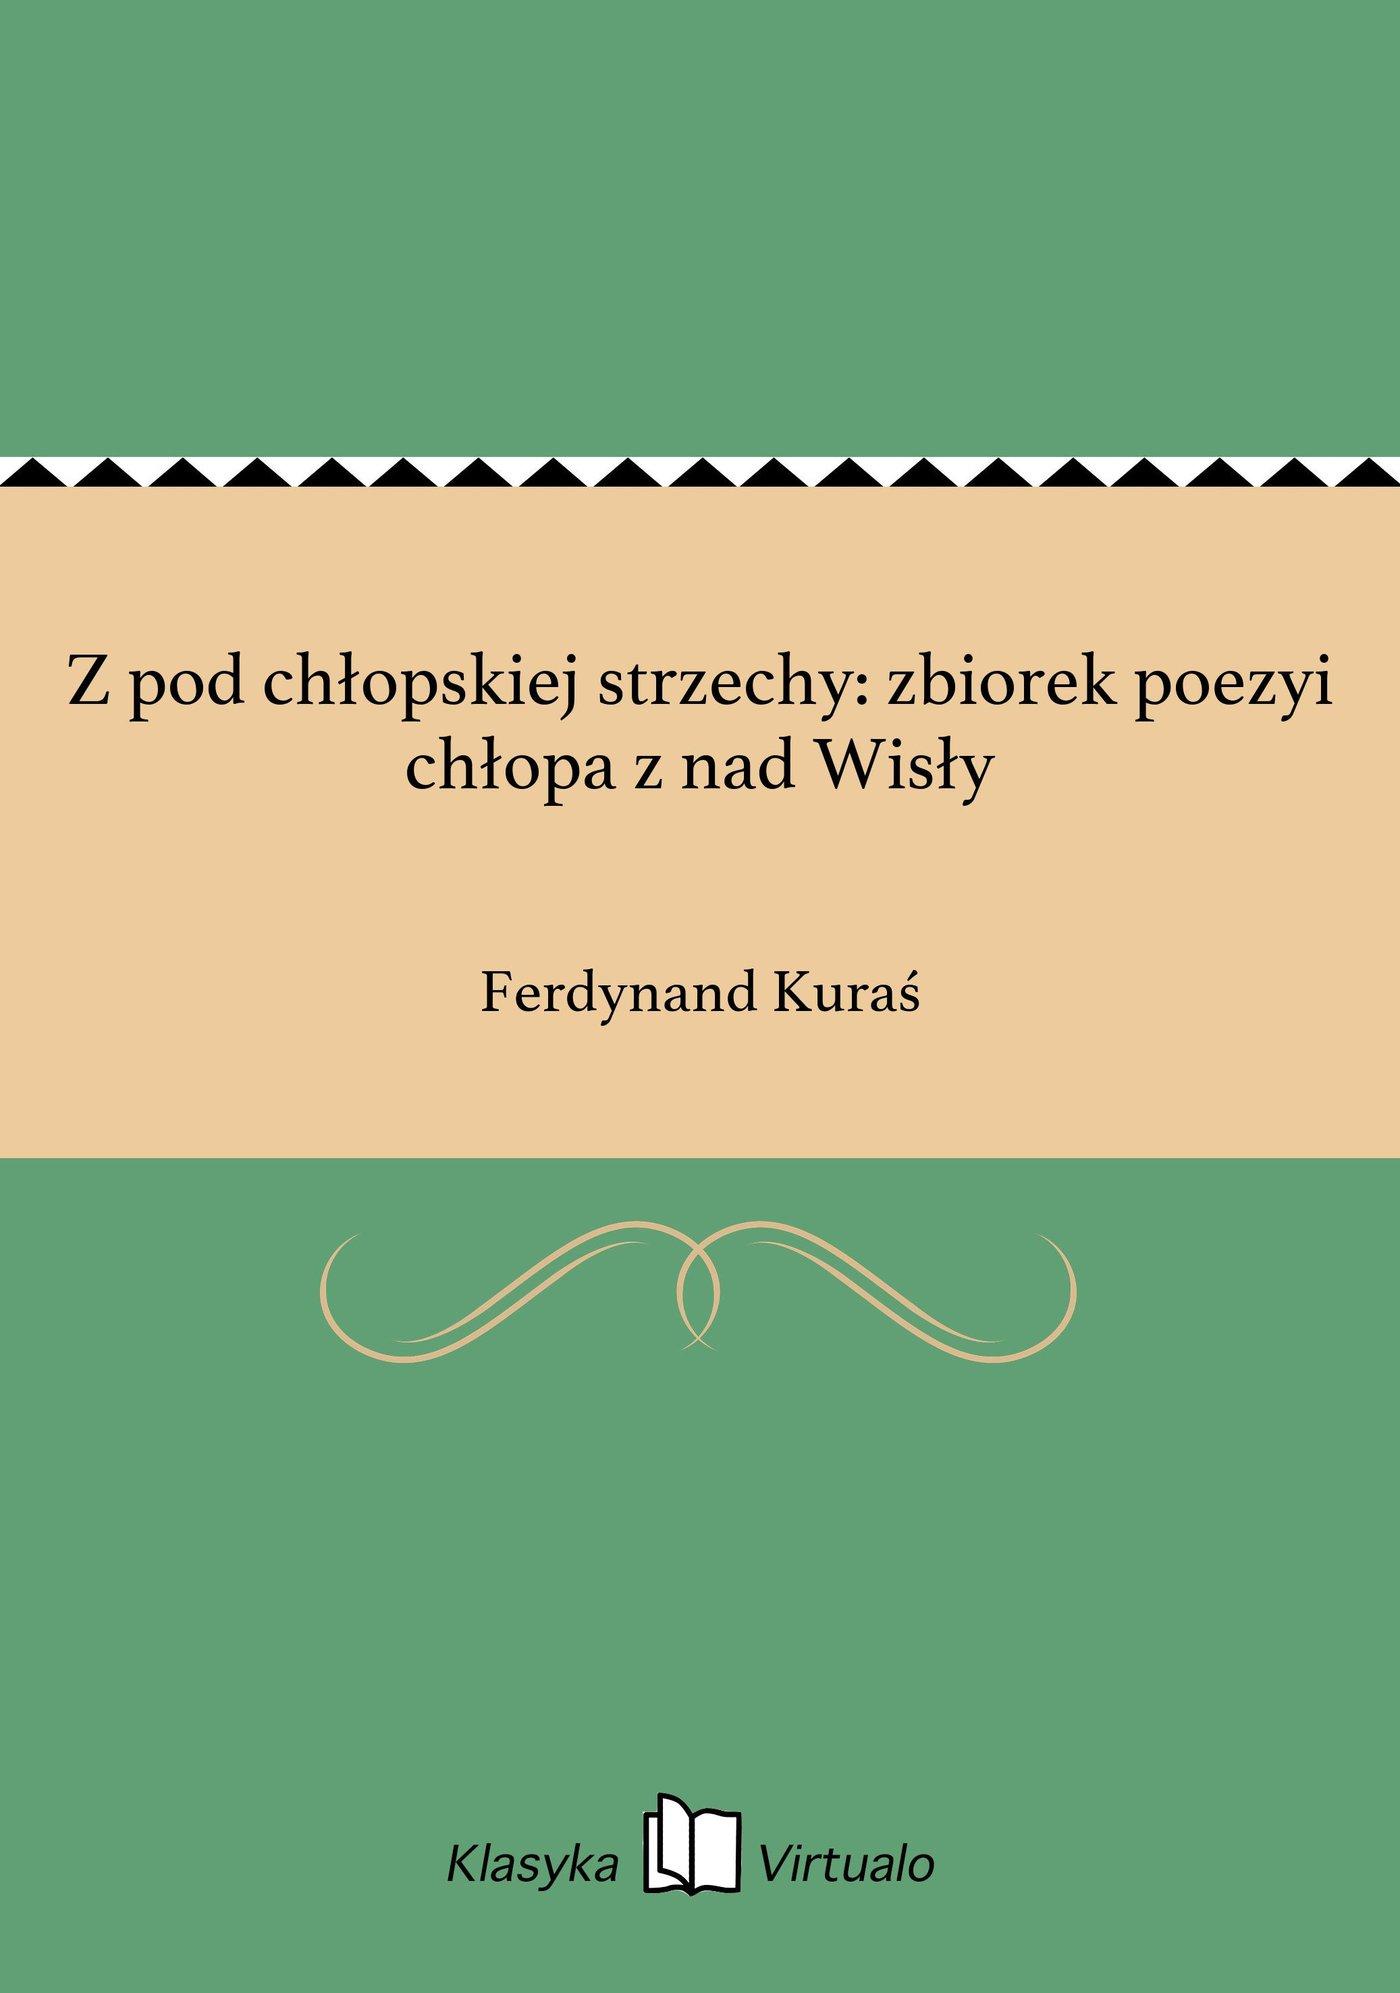 Z pod chłopskiej strzechy: zbiorek poezyi chłopa z nad Wisły - Ebook (Książka EPUB) do pobrania w formacie EPUB